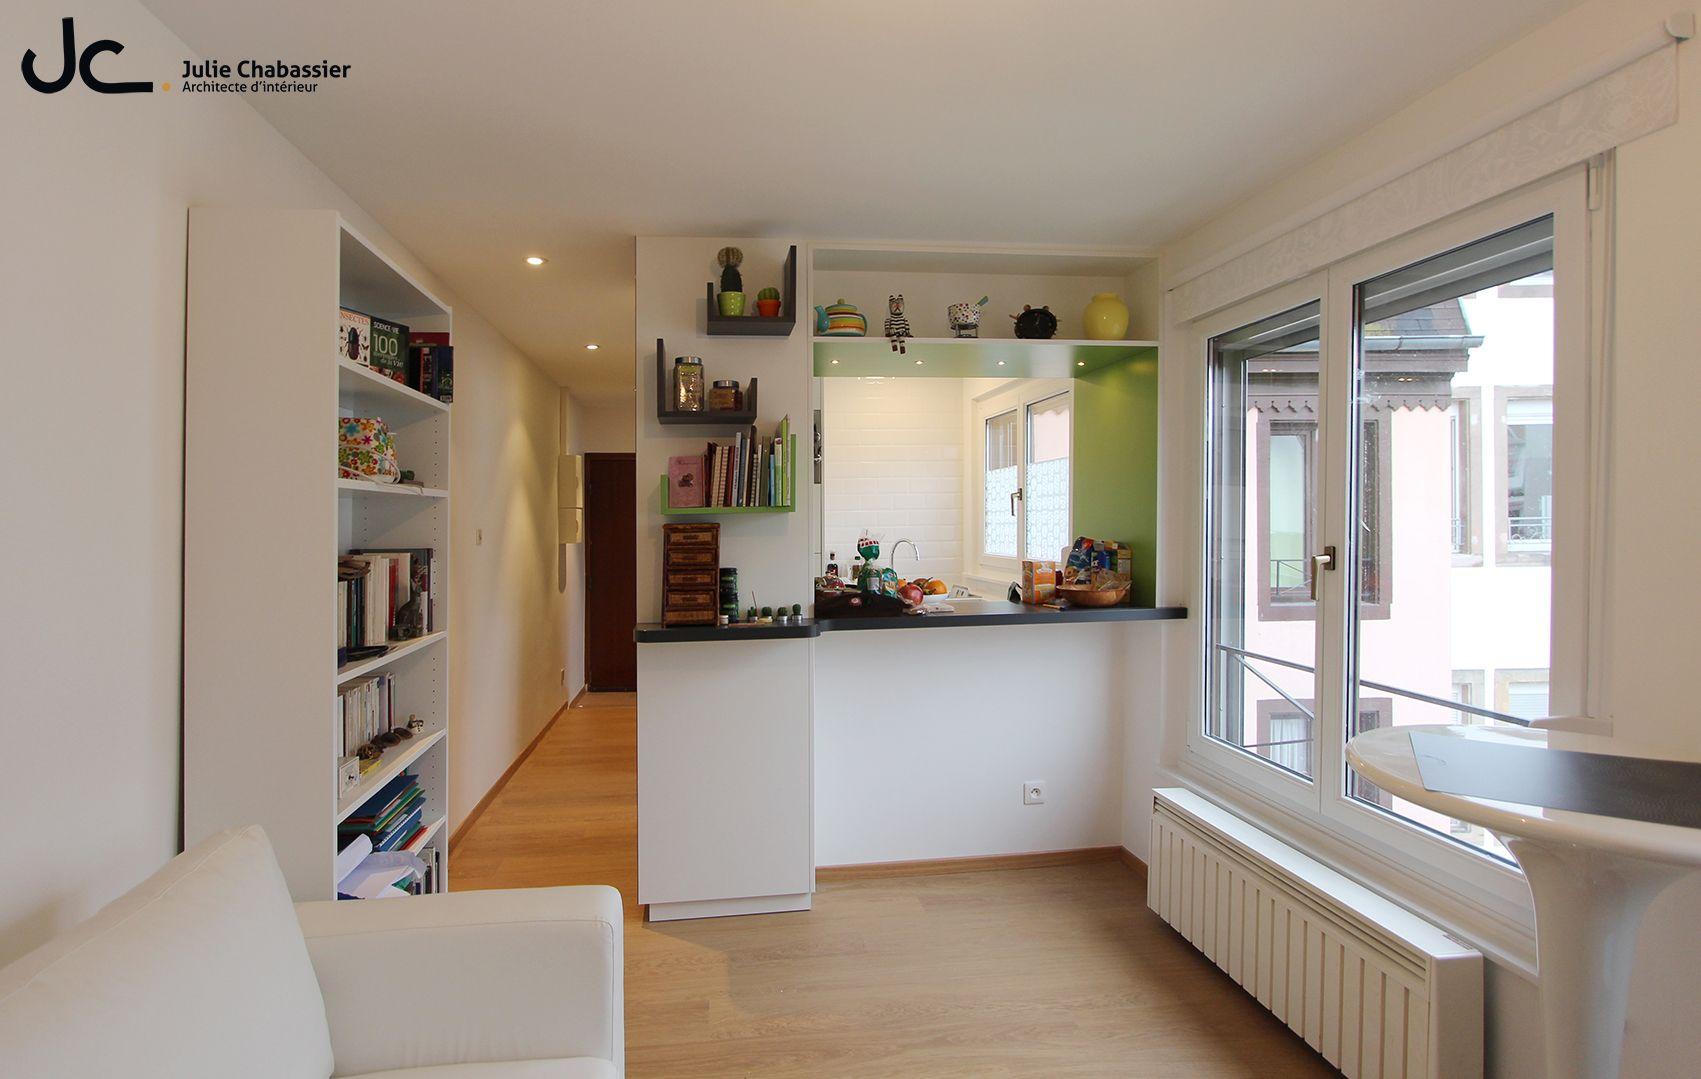 Julie Chabassier Architecte D Intérieur petite cuisine ouverte - cadre vert | architecte interieur